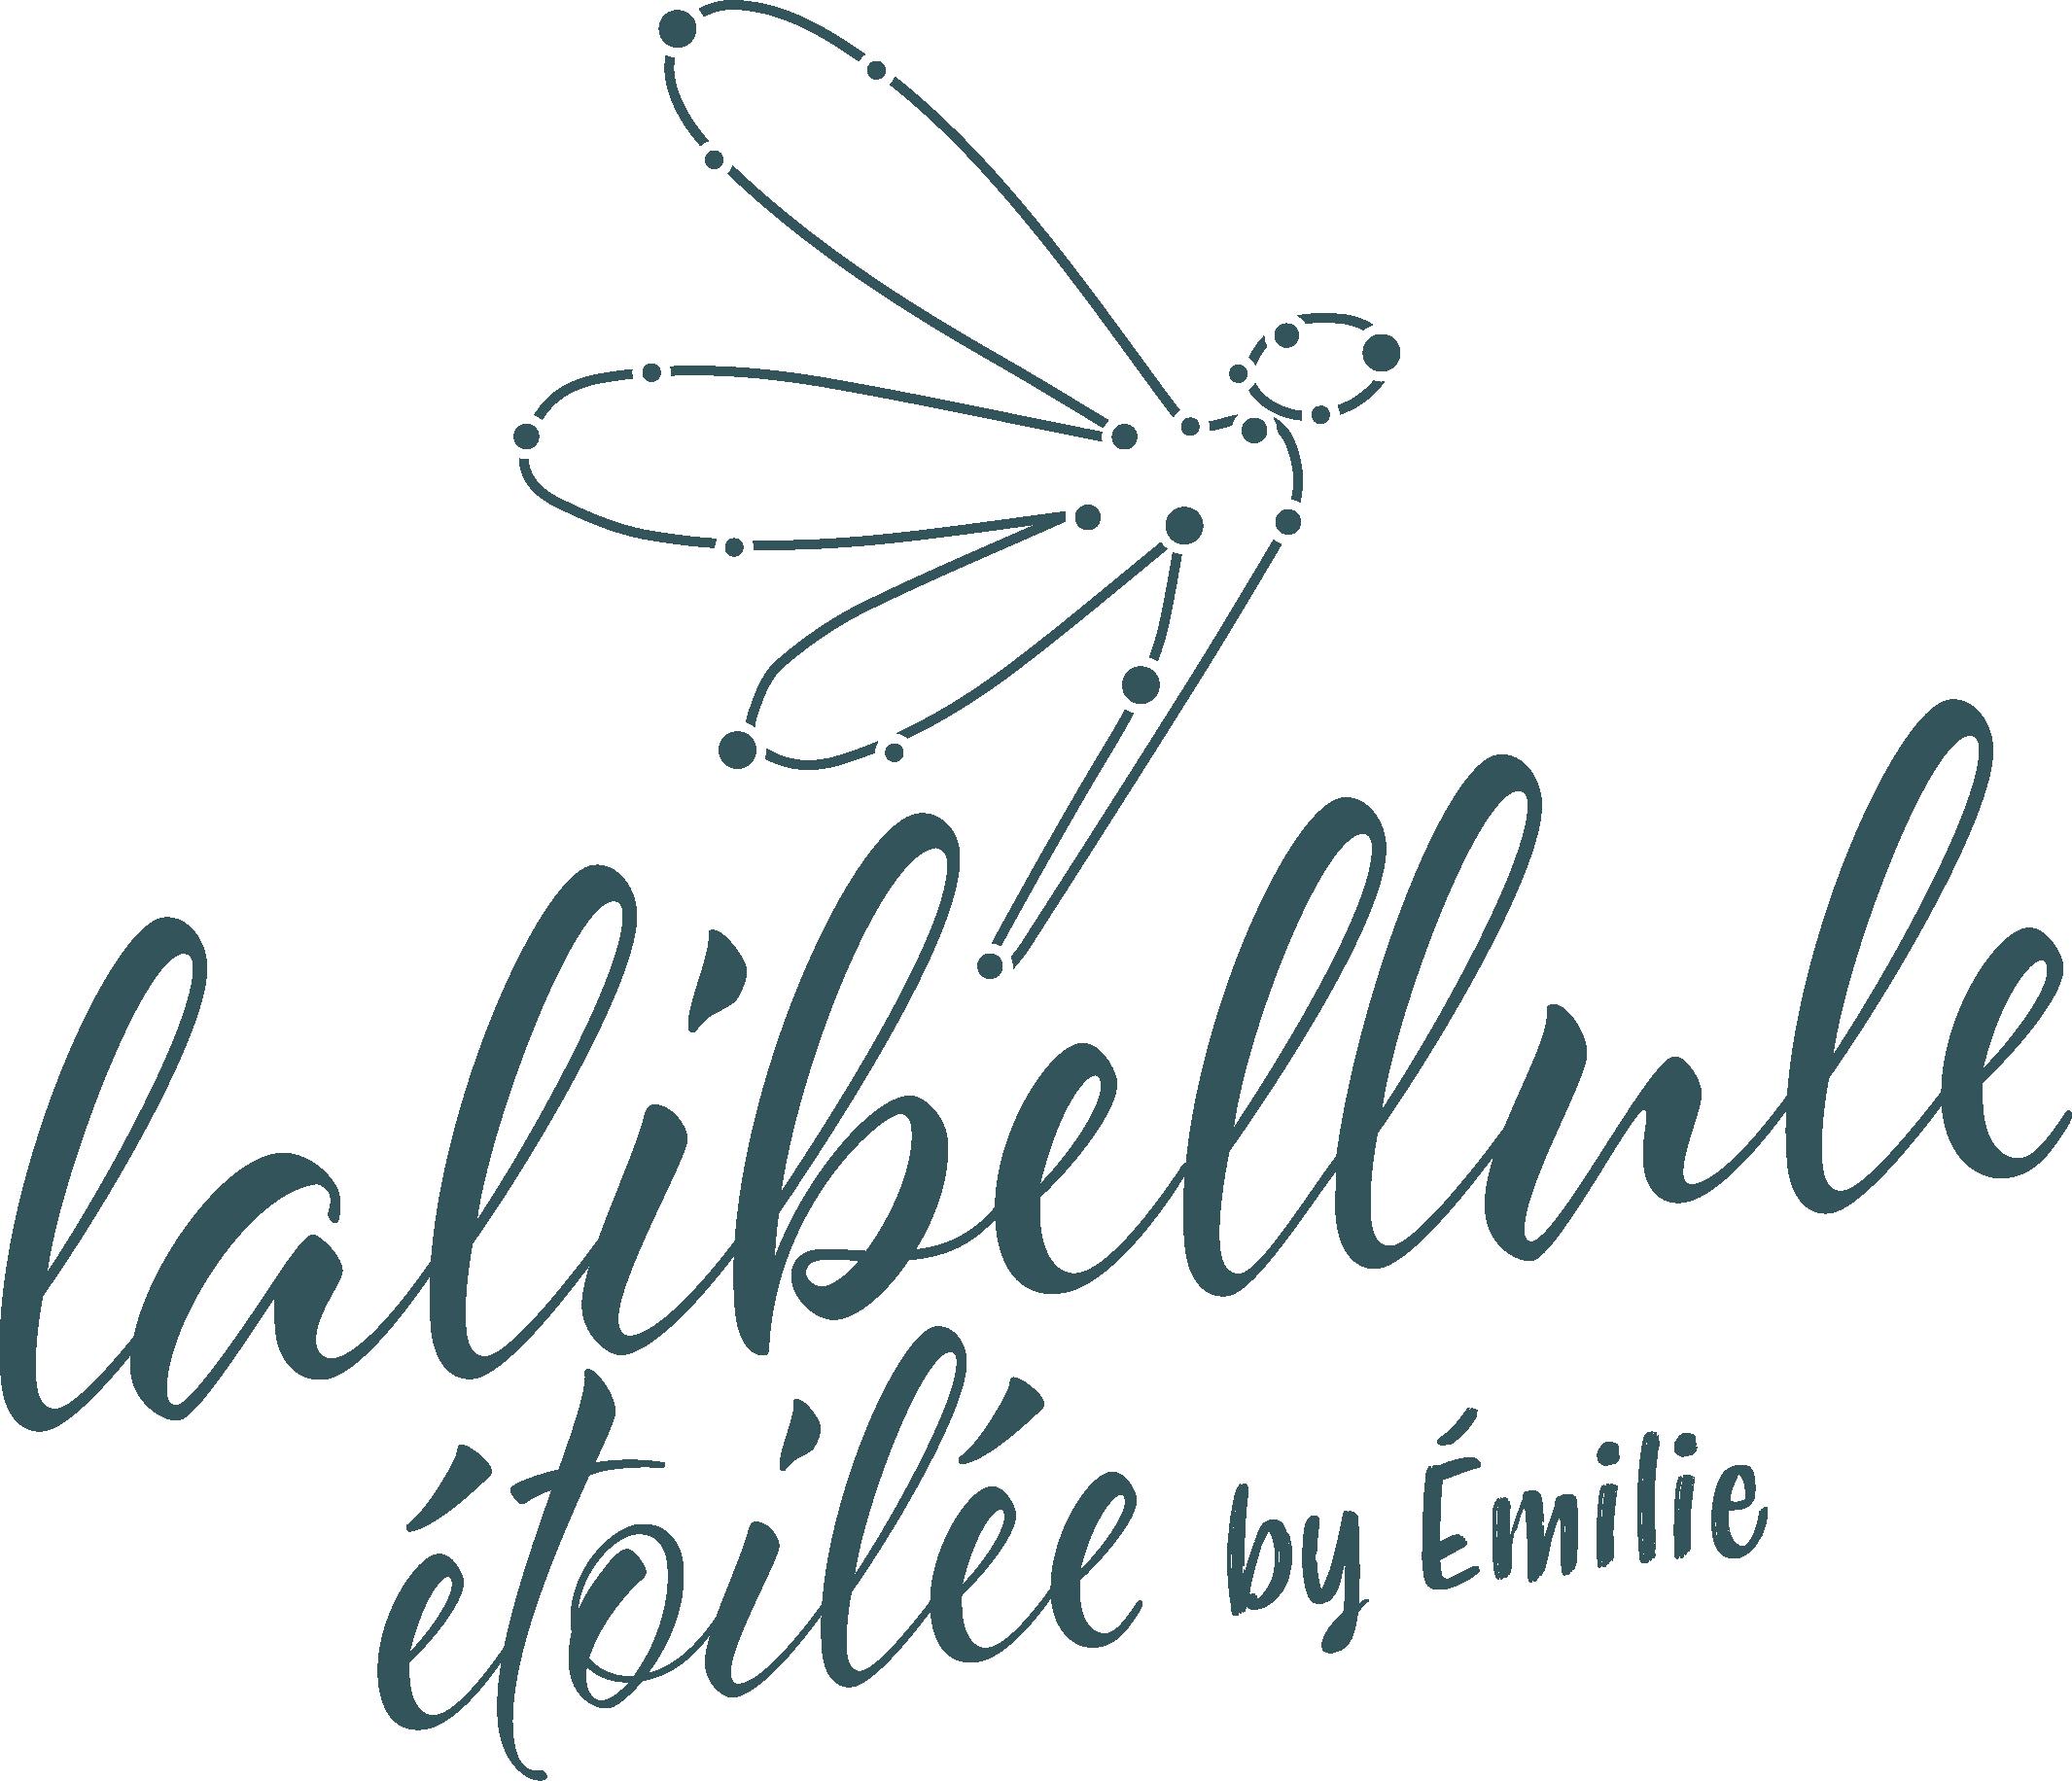 Lalibellule by Emilie